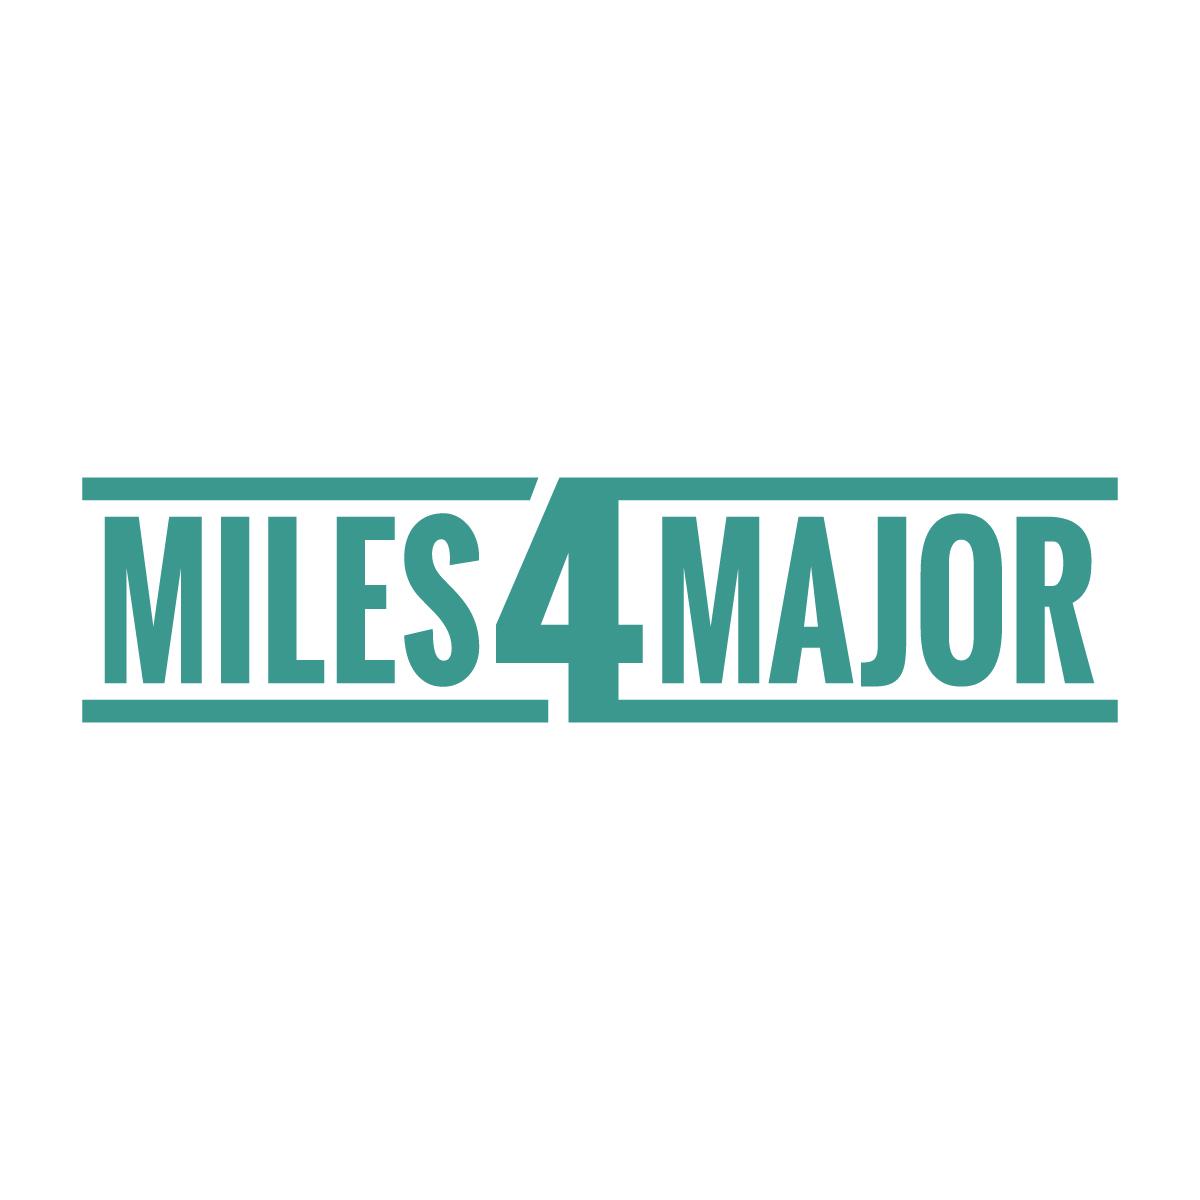 Miles4Major Branding Design